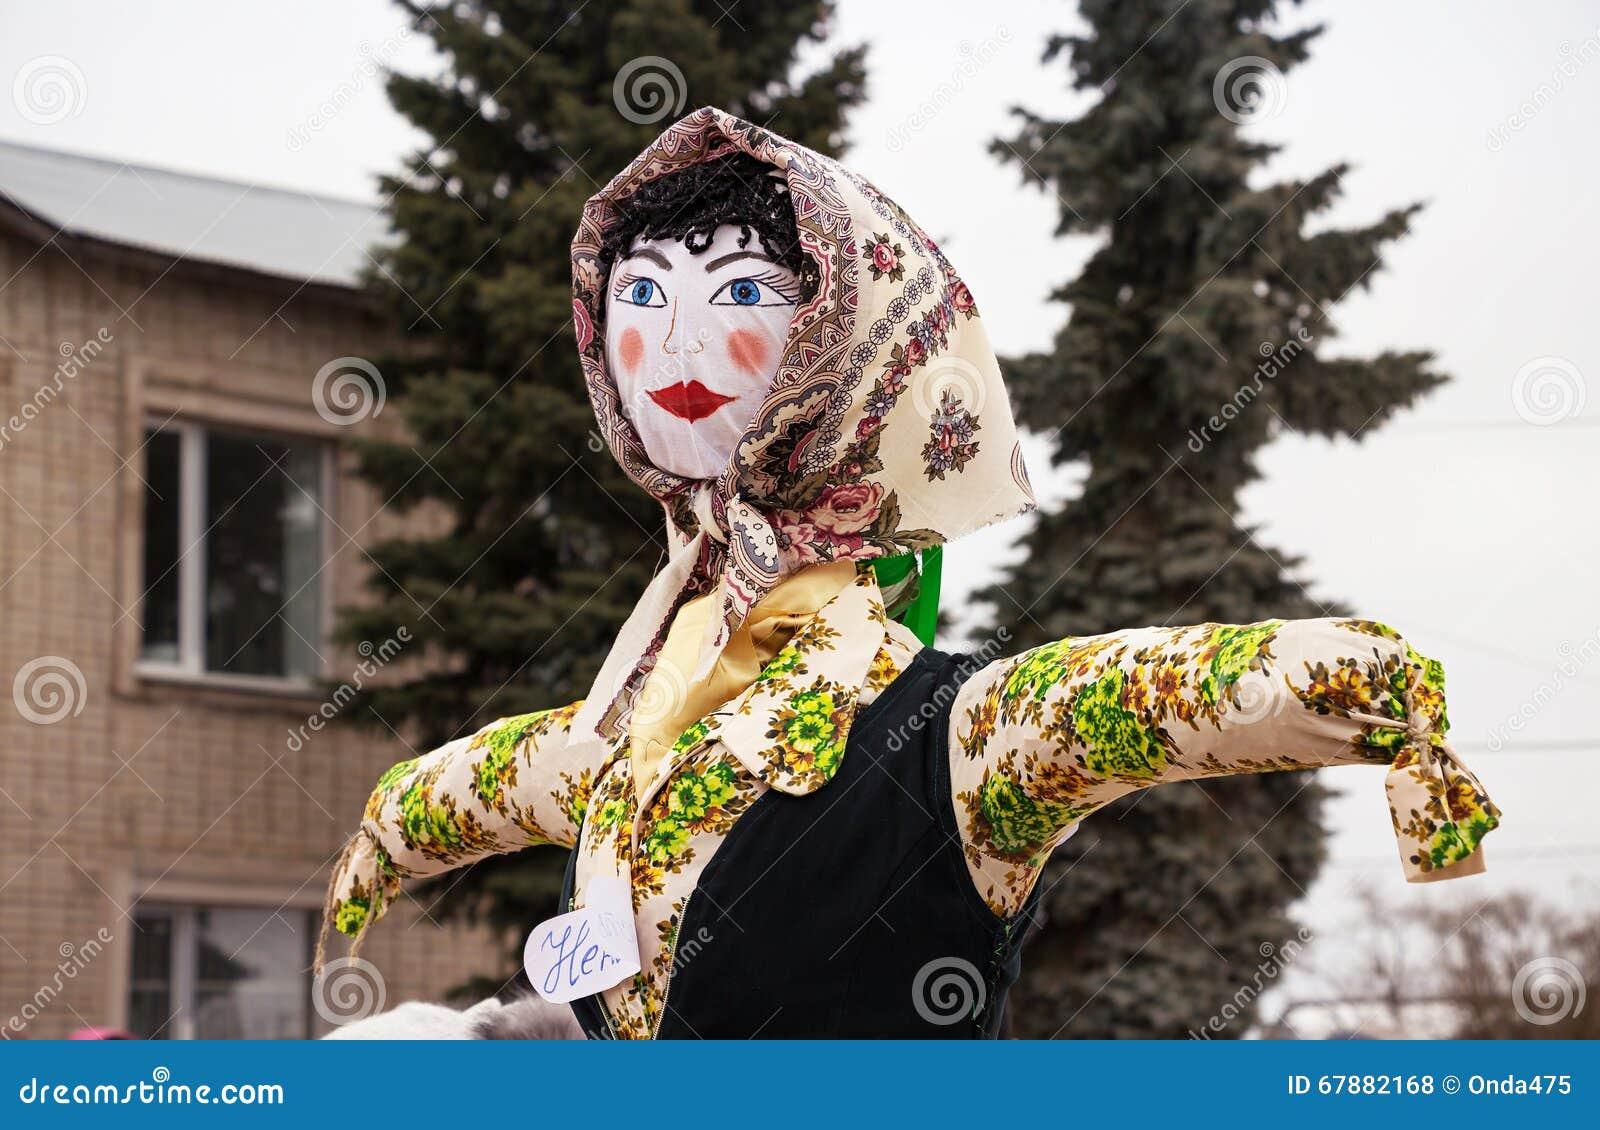 燃烧的稻草人在狂欢节 新春佳节